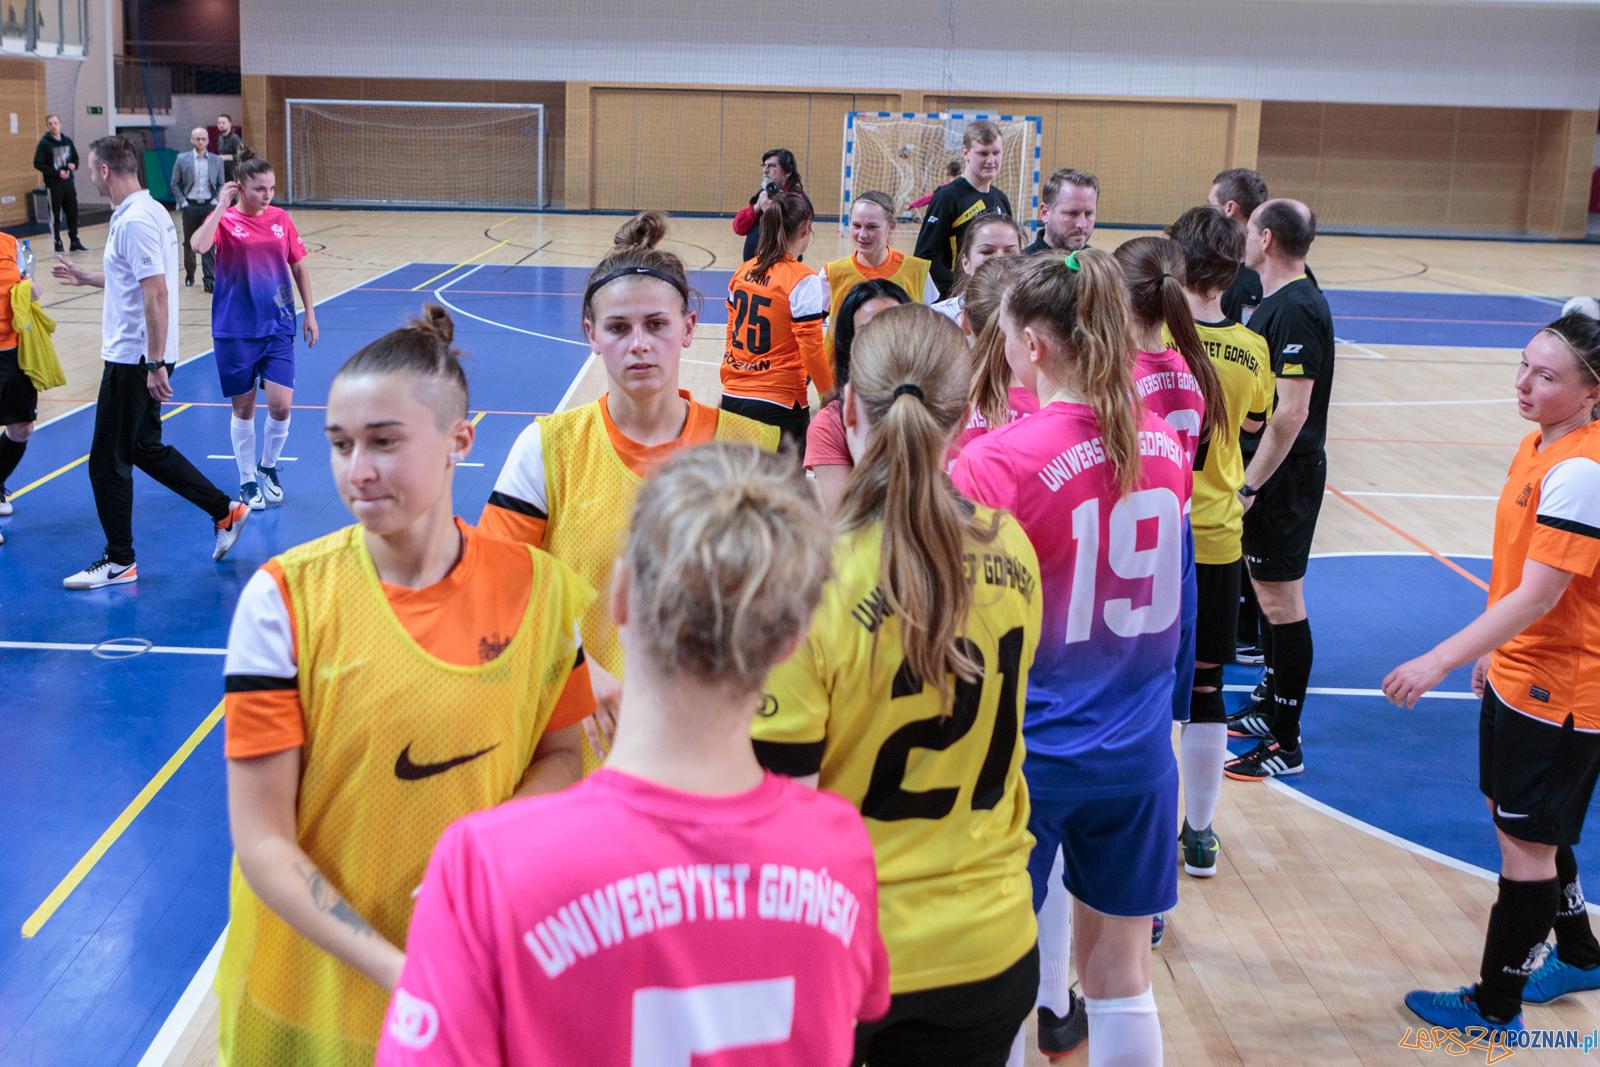 AZS UAM Poznań - AZS UG Gdańsk 2:1 - 16.12.2017 r.  Foto: LepszyPOZNAN.pl / Paweł Rychter